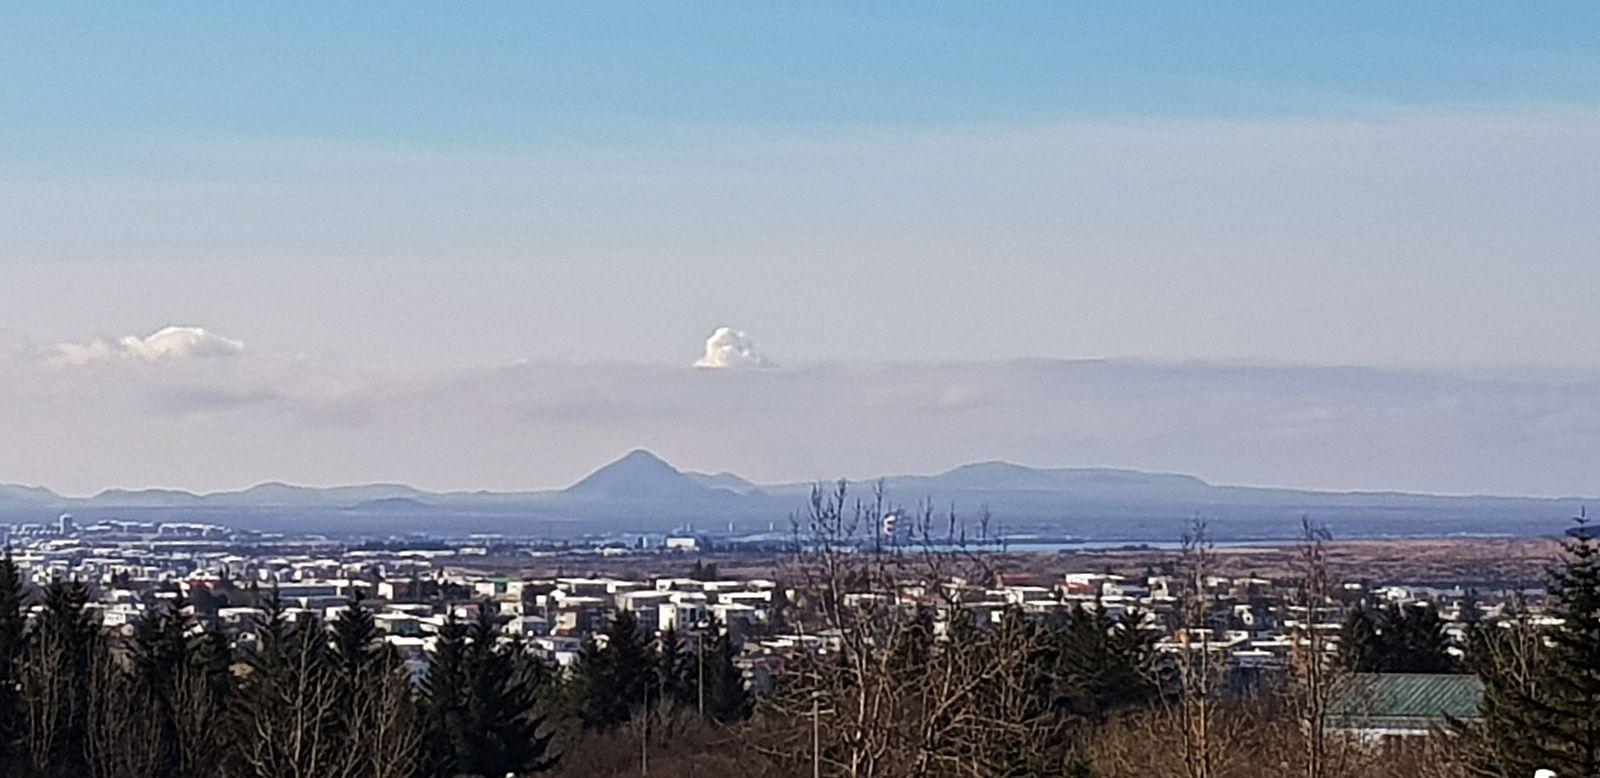 Le panache éruptif de Gelingadalur visible depuis l'IMO ce 26.04.2021  - photo Kristín Jónsdóttir